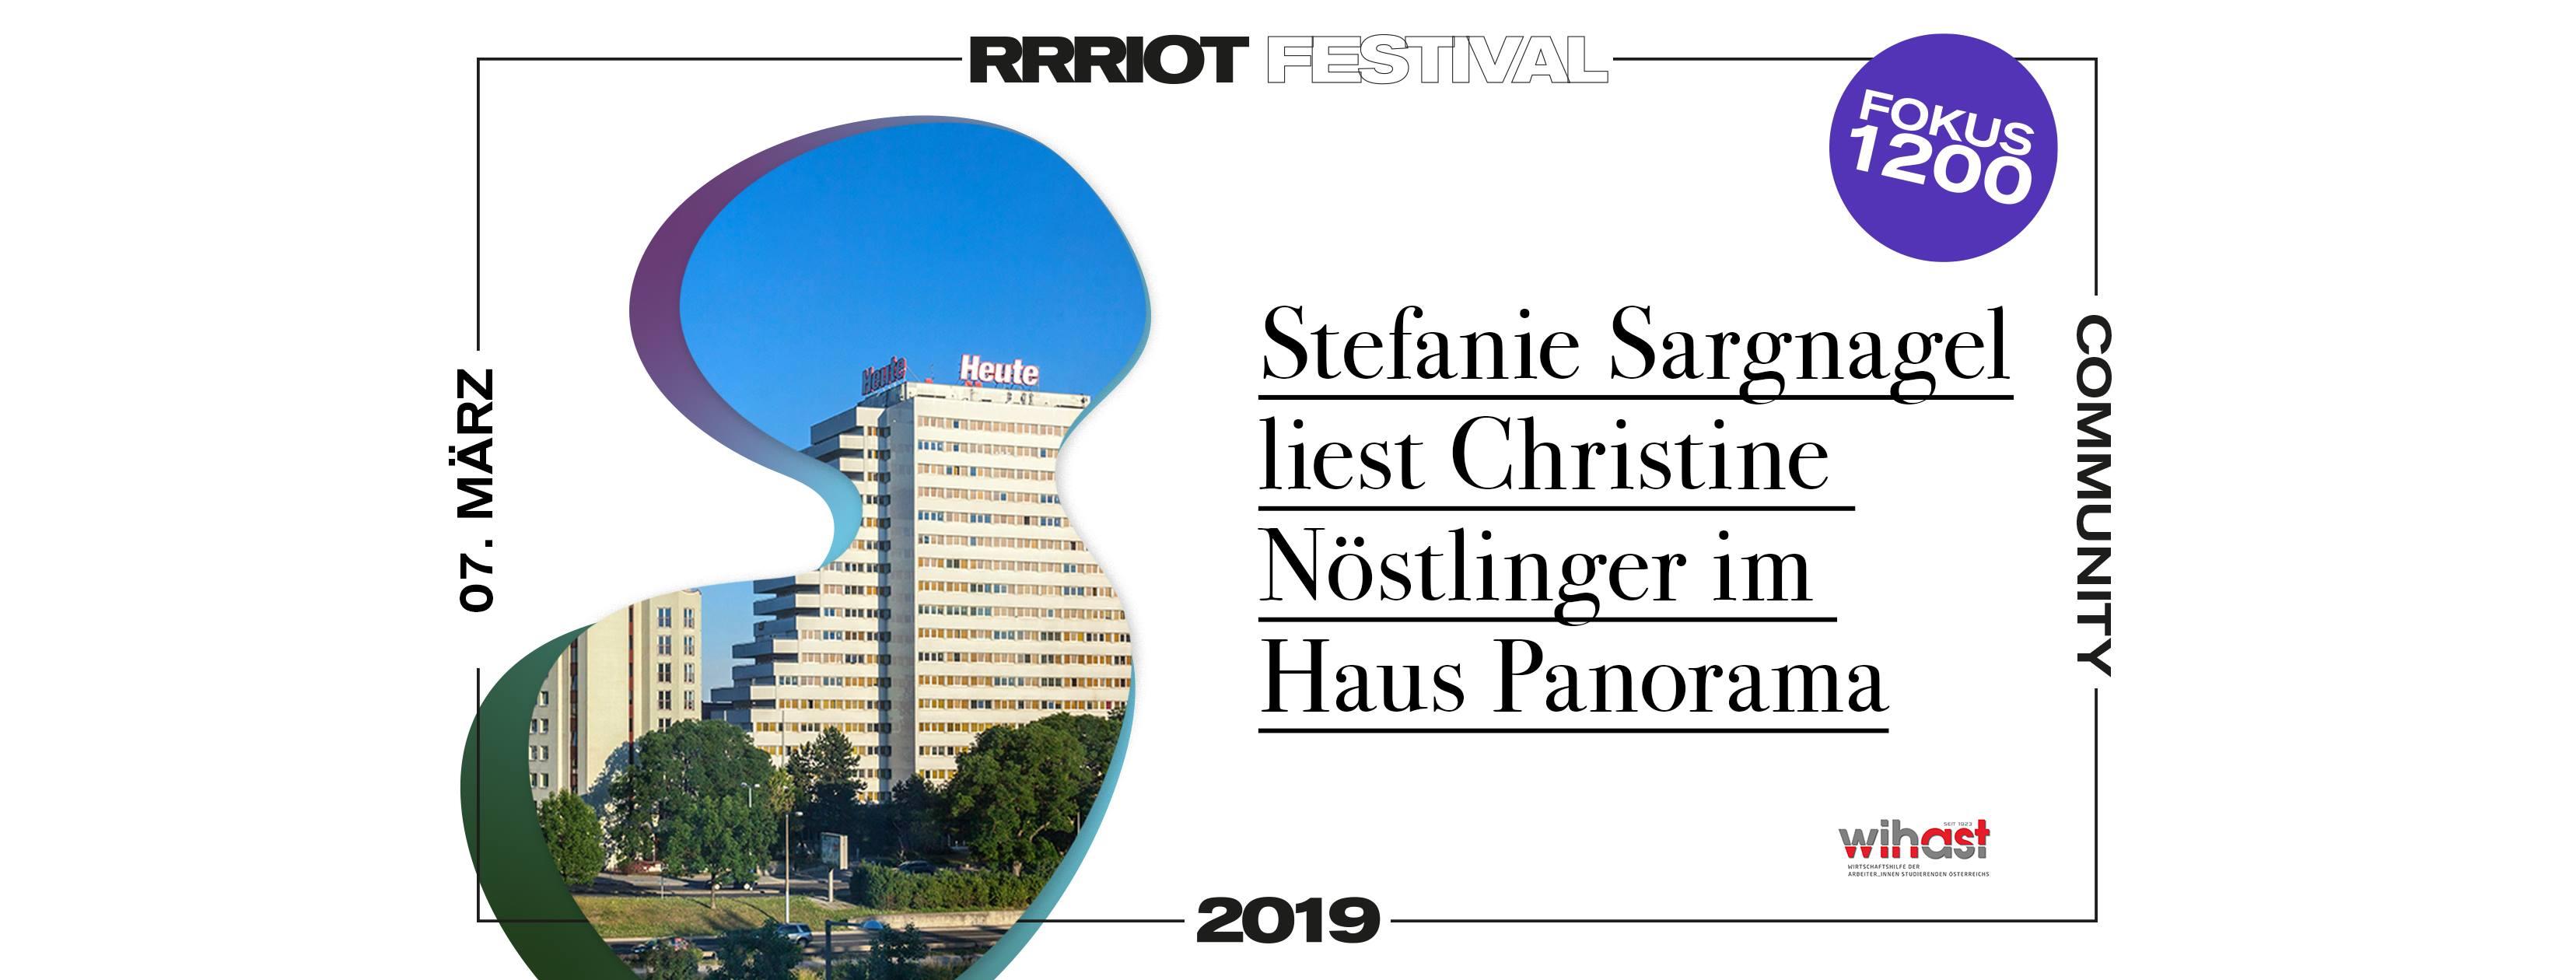 Rrriot Festival 2019 | Stefanie Sargnagel liest Christine Nöstlinger - 1200